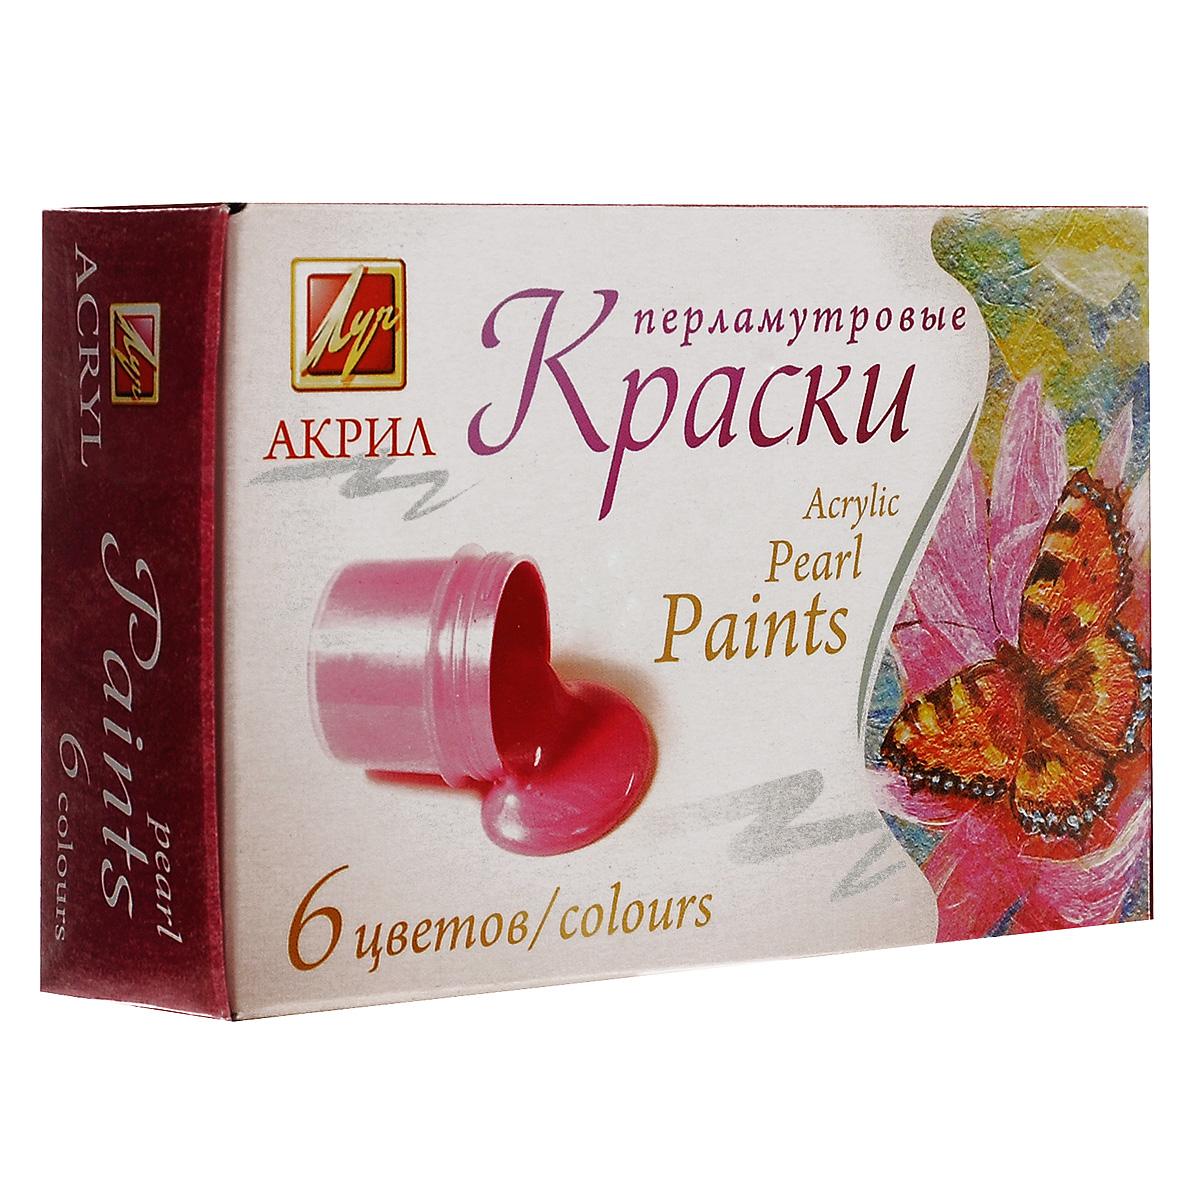 Краски акриловые Луч, перламутровые, 15 мл, 6 цветовC13S041944Акриловые краски Луч - универсальный материал для творчества. Акриловые краски, как и акварельные, легко разбавляются водой, но после высыхания их уже нельзя размочить, и в этом акрилы сходны с темперой. В комплекте - 6 баночек с перламутровой краской разных ярких цветов. Будучи прозрачными, акриловые краски хорошо сочетаются с акварелью и накладываются поверх акварельных мазков, усиливая их насыщенность, сообщая им глубину тона. Акриловые краски обладают значительно большей яркостью и высокой светостойкостью, но темнеют, подобно темпере, после высыхания. Новые лессировки также не нарушают нижние слои краски. В этом состоит бесспорное преимущество акриловых красителей. Акриловые краски применяются в дизайн-графике, рекламе, оформительском искусстве. Их можно наносить аэрографом, использовать резервирование специальными составами, сочетая с техникой работы по сырому, подобно акварельной. Акриловые краски обладают следующими свойствами: - быстросохнущие; - обладают отличной адгезией (сцепляемость с поверхностью); - превосходная кроющая способность; - равномерно наносятся; - хорошая светостойкость; - прекрасно смешиваются между собой; - после высыхания образуют несмываемую пленку; - красочный слой эластичен, прочен и долговечен.Объем баночки: 15 мл.